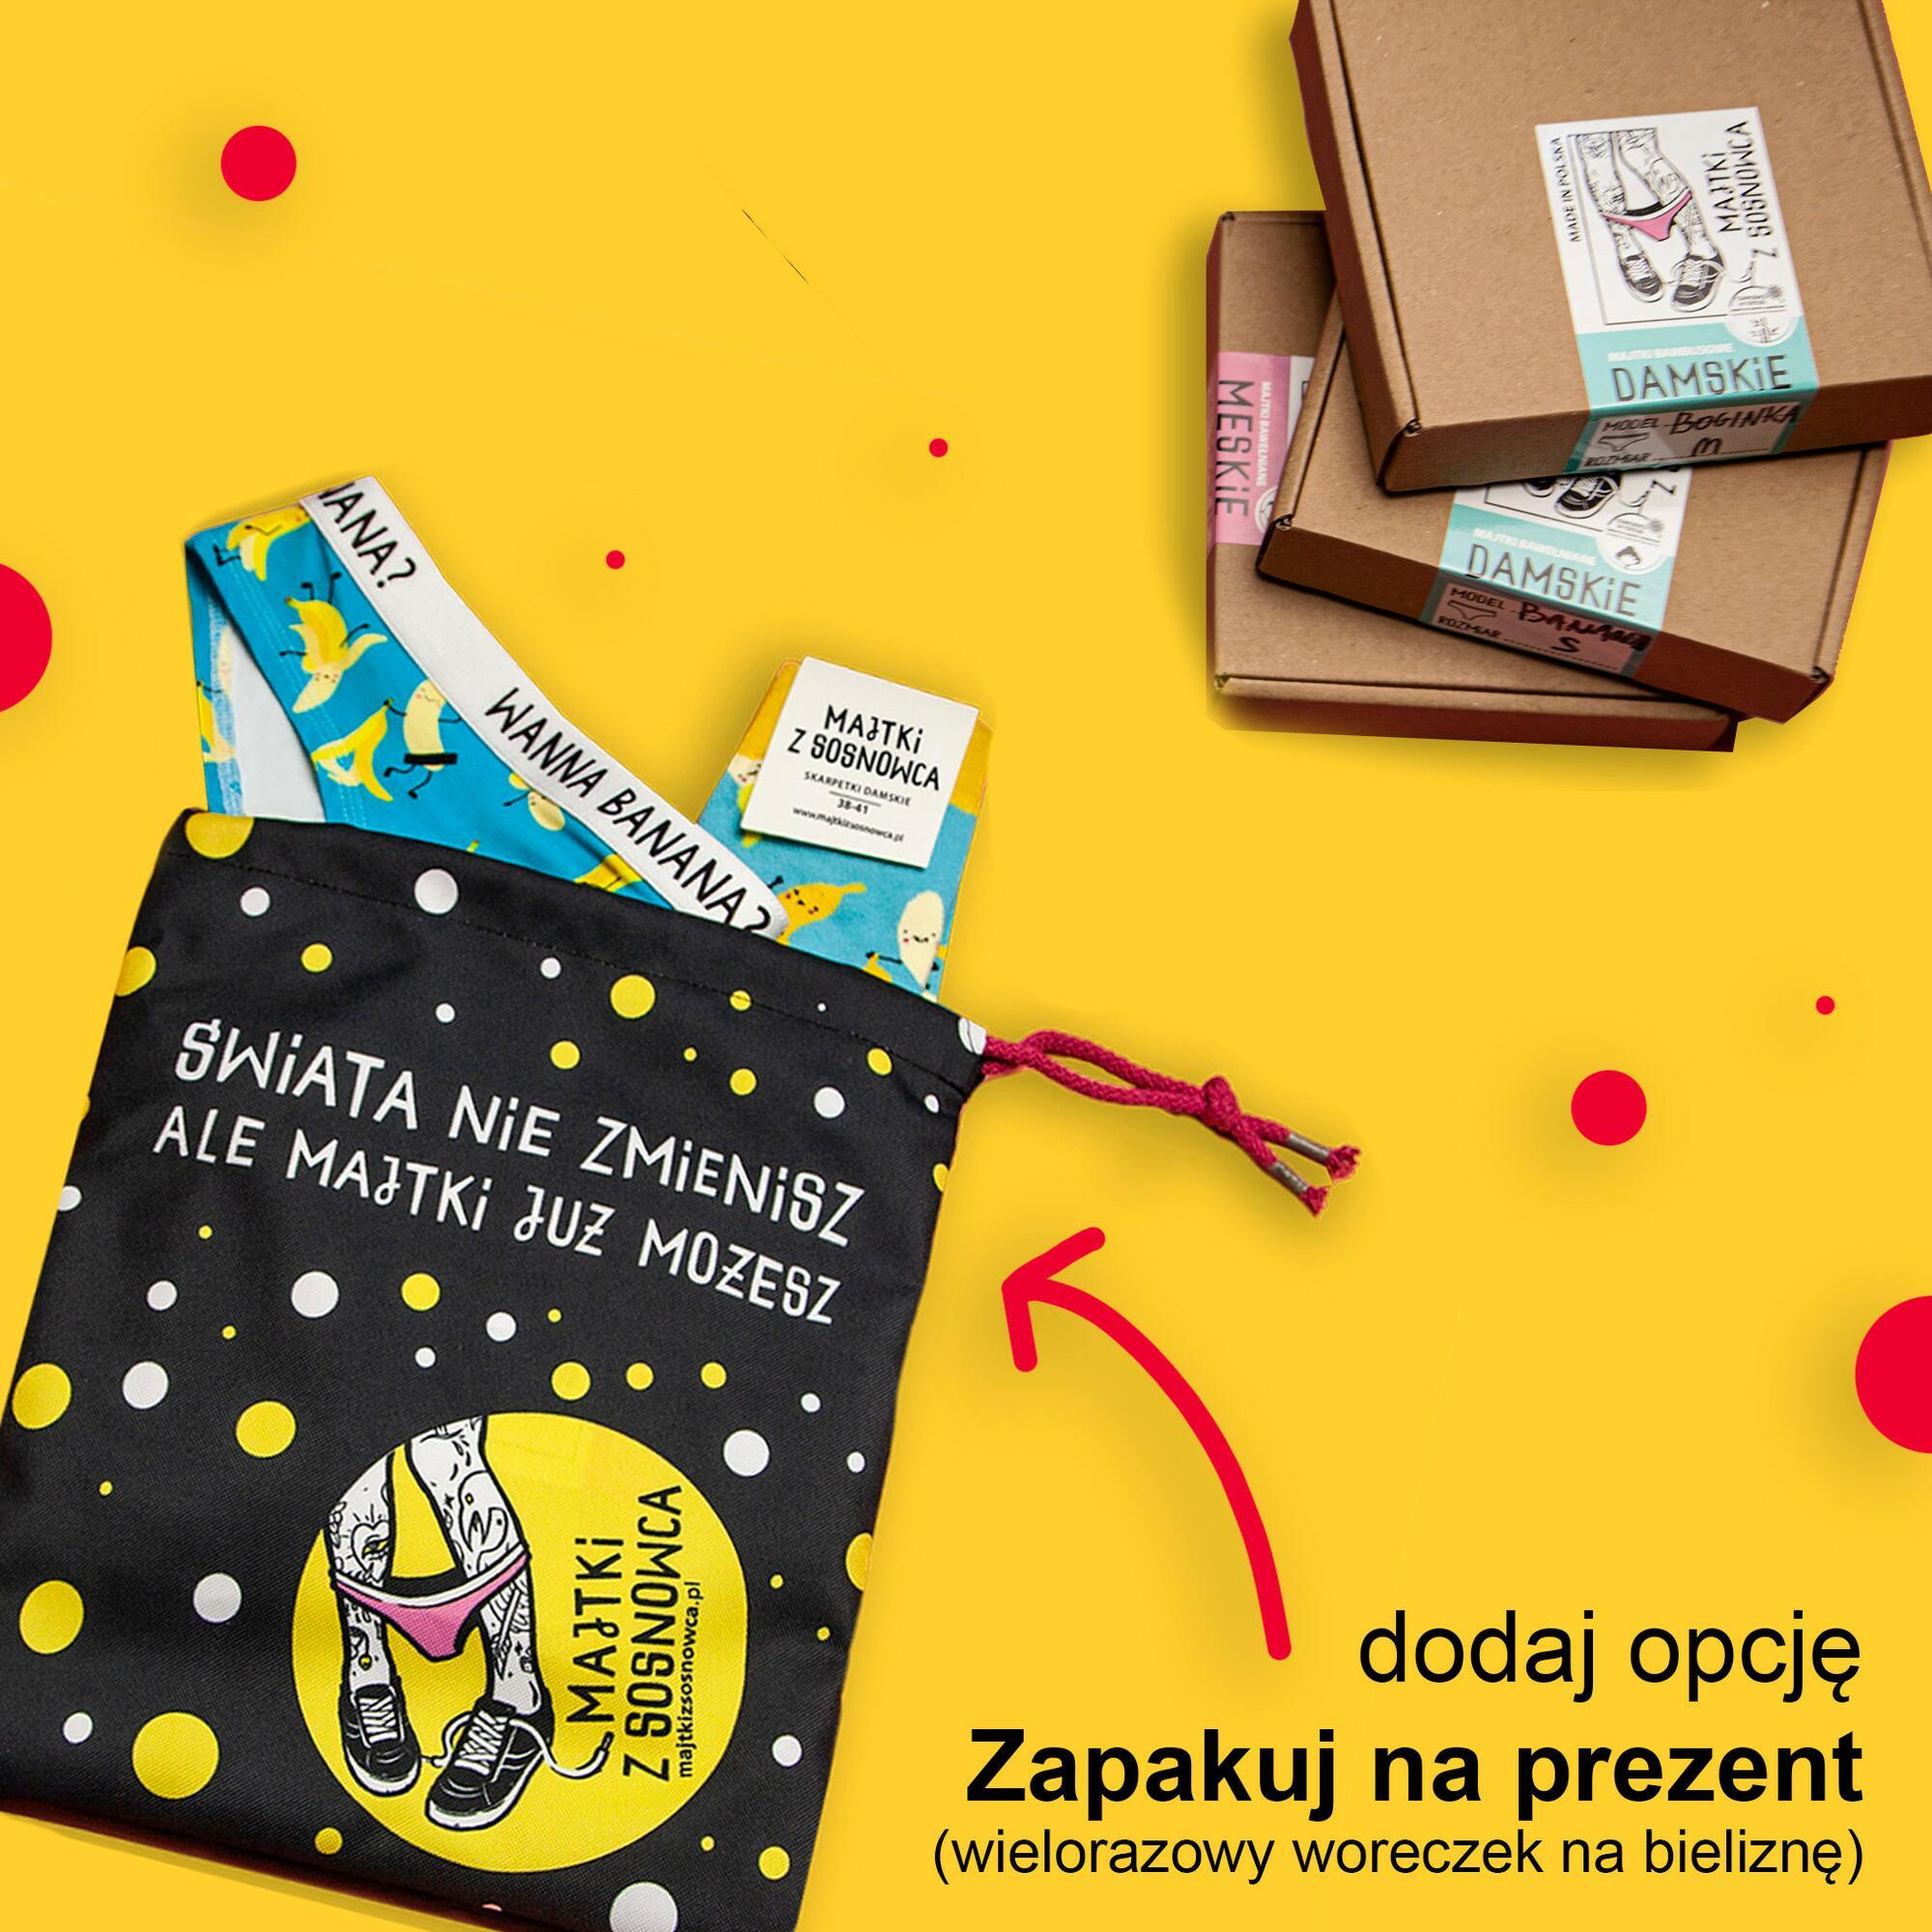 Chodź się całować - Bokserki bawełniane męskie - Majtki z Sosnowca by After Panty | JestemSlow.pl